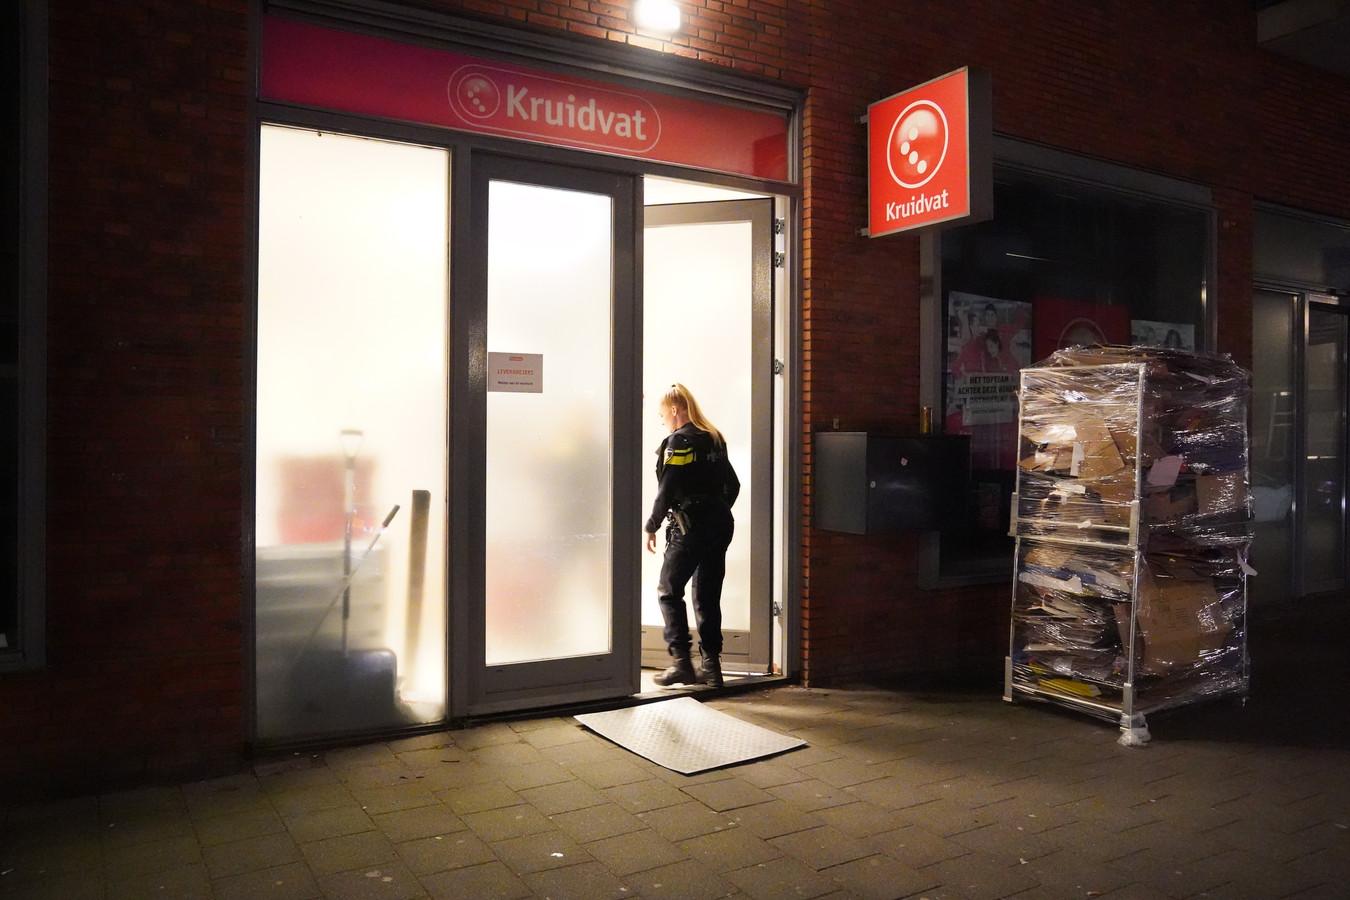 De politie doet dinsdagochtend onderzoek bij de Kruidvat aan de Lusthofstraat.